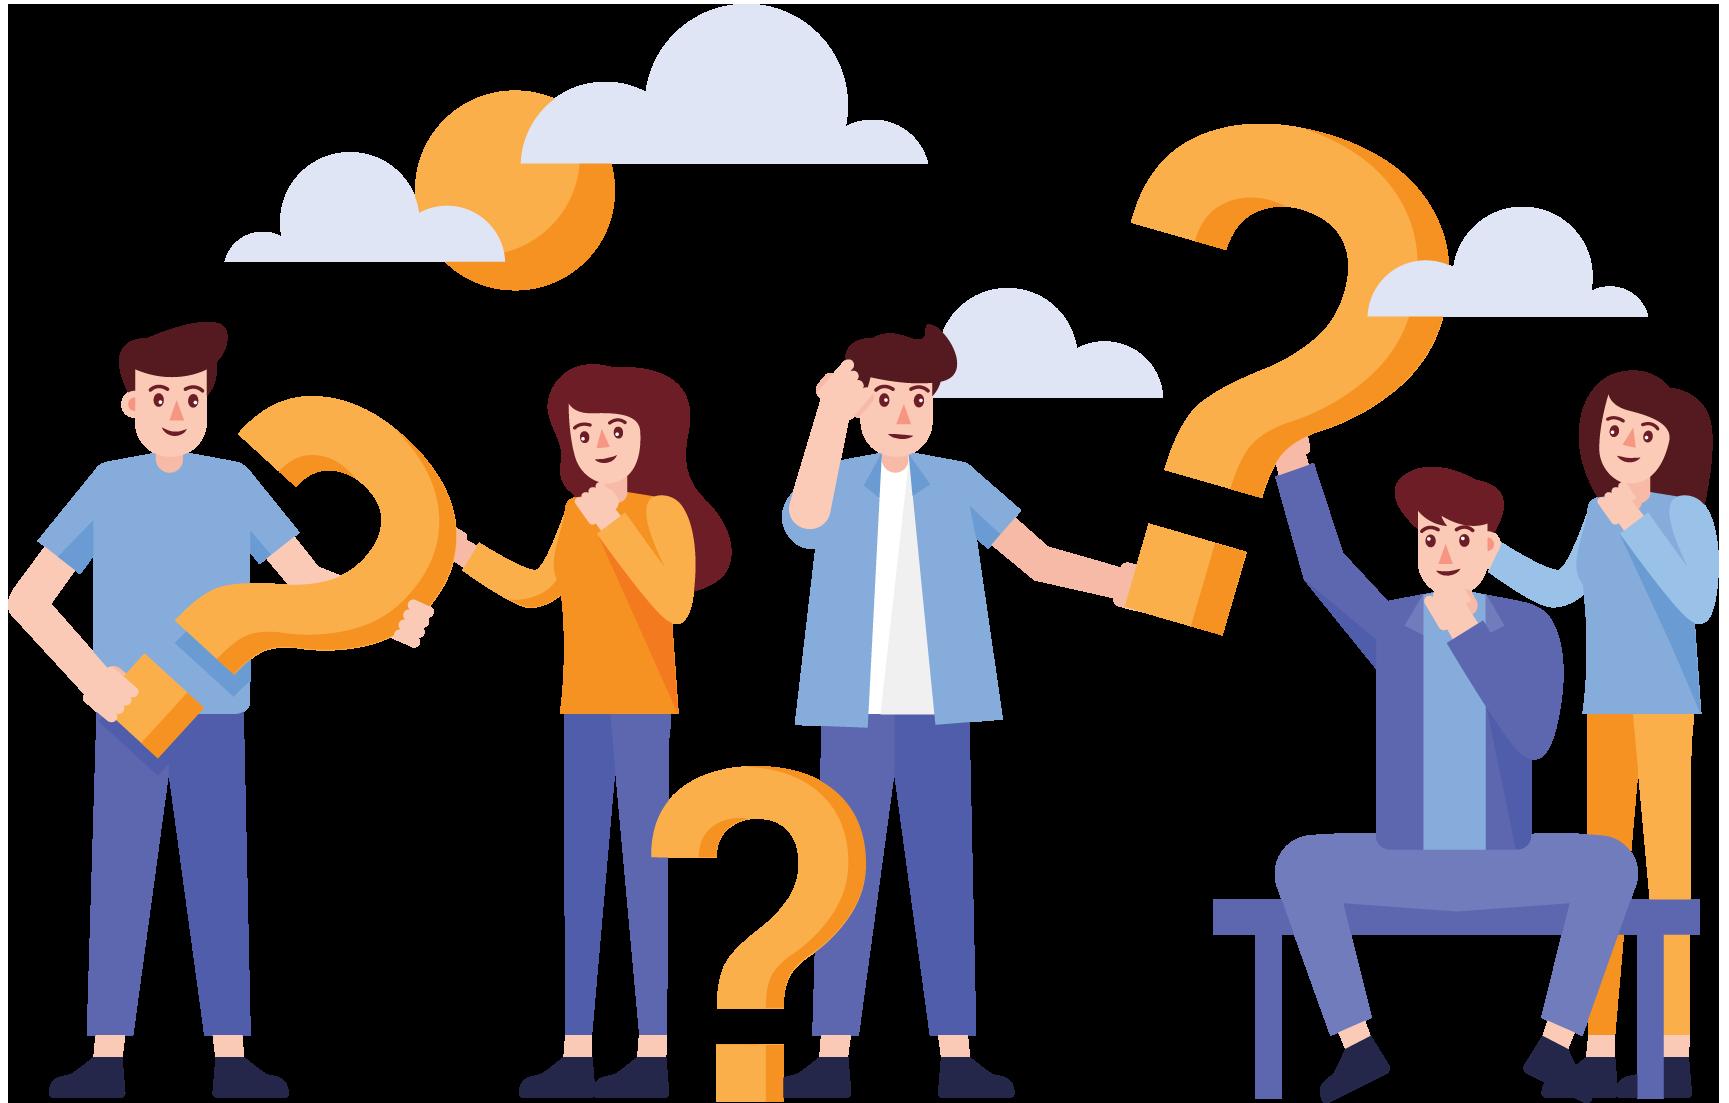 سوال های متداول از نرم افزار انبار داری 2019 تحت اکسل